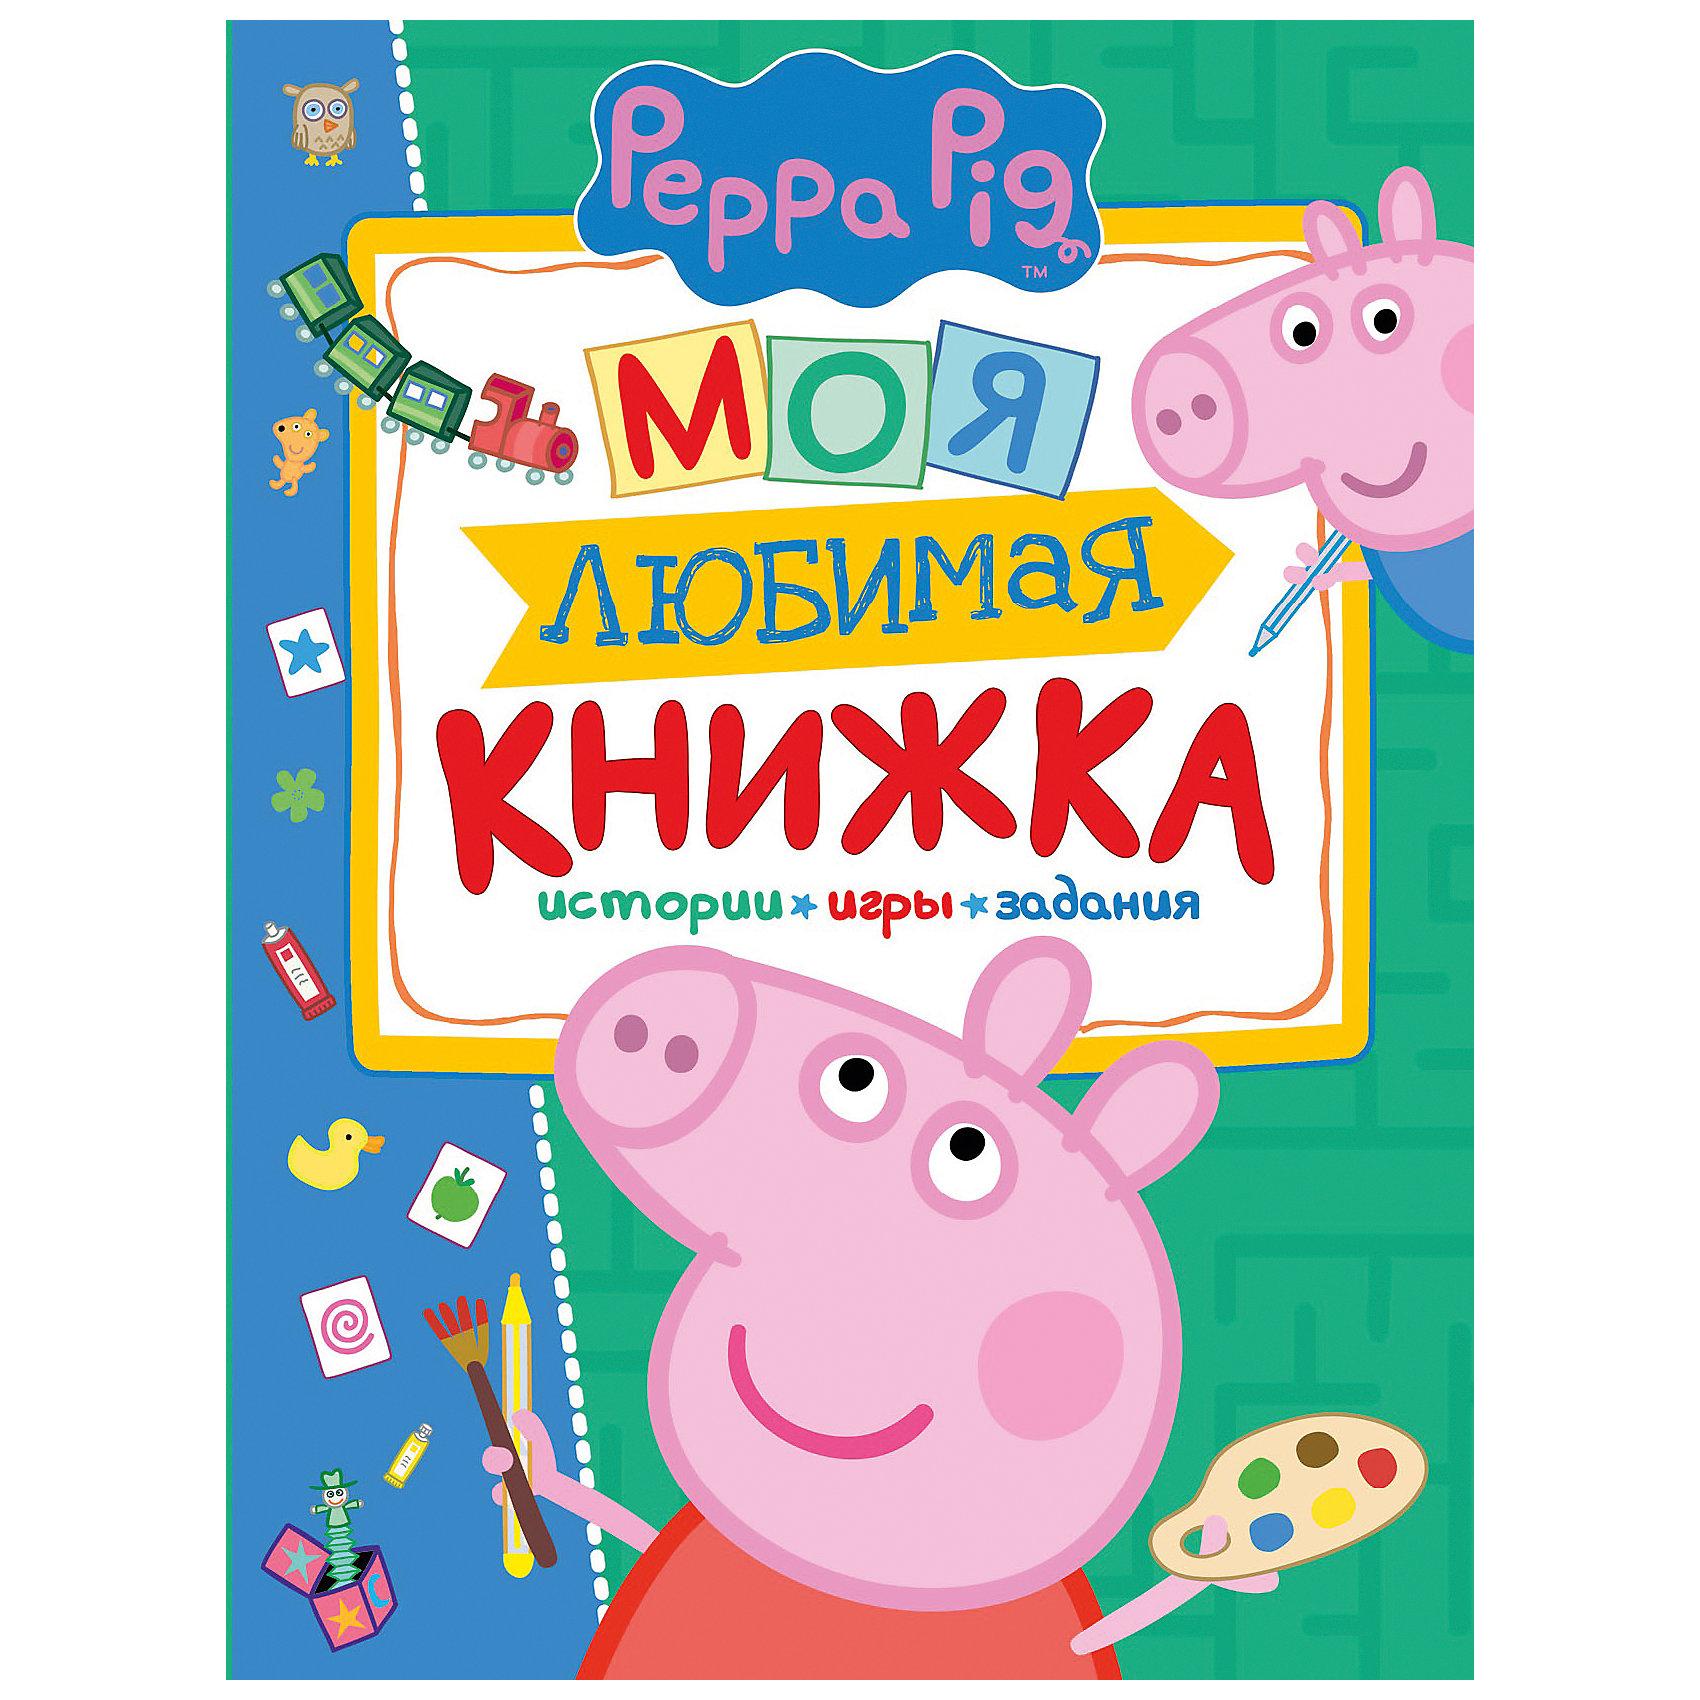 Моя любимая книжка